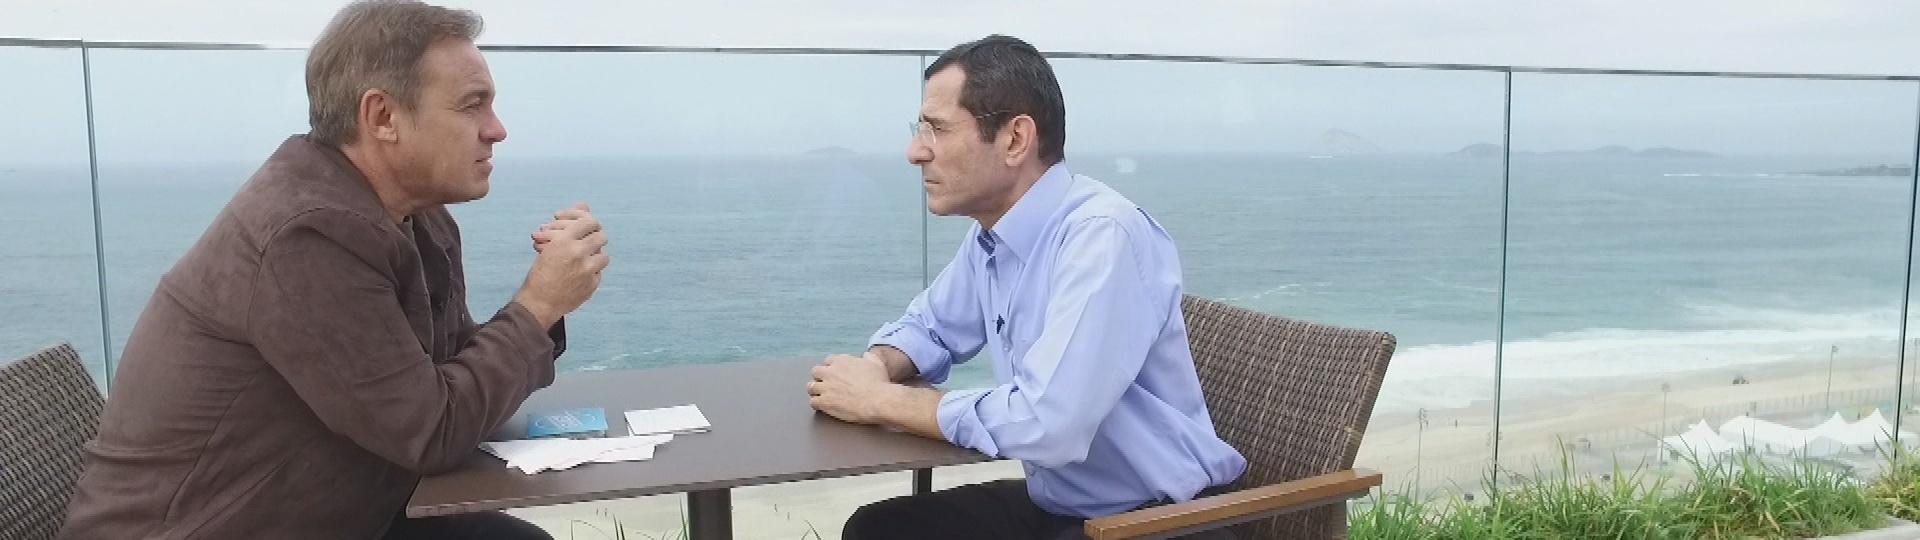 Gugu entrevista o jornalista Arnaldo Duran, que foi diagnosticado com síndrome de Machado-Joseph, mesma doença que matou o ator Guilherme Karan